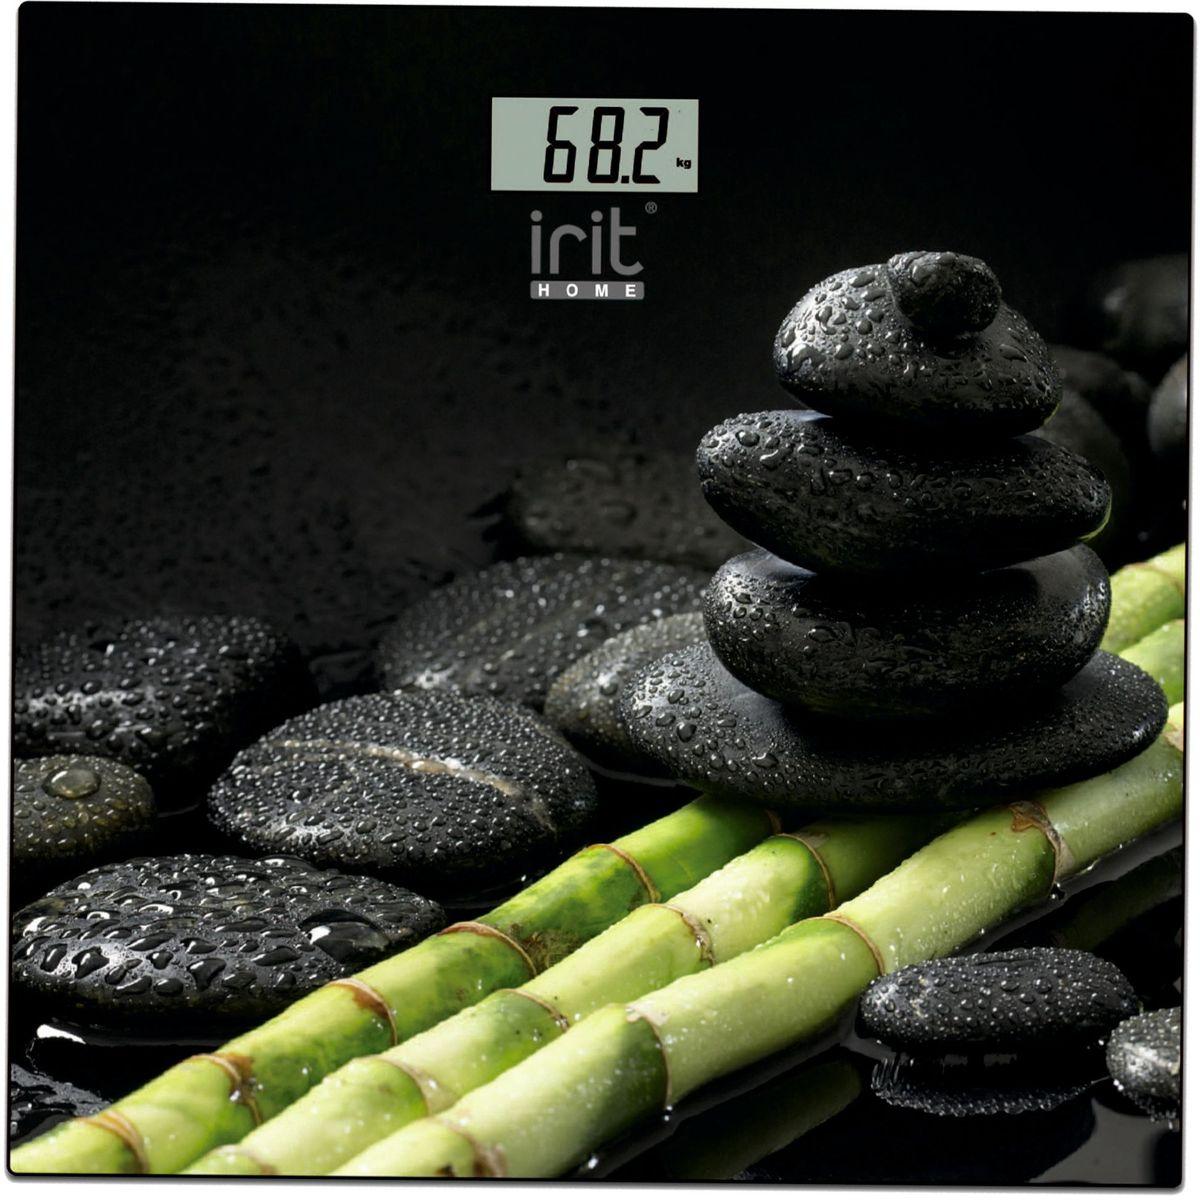 Irit IR-7257 весы напольныеIR-72574-х разрядный ЖК дисплей. Включение путем касания. Автоотключение через 8 сек. Индикация перегрузки. Индикация разряда батареи. Максимальный вес - 180 кг. Дискретность - 100 г. Элемент питания: 2 батарейки типа ААA входят в комплект).